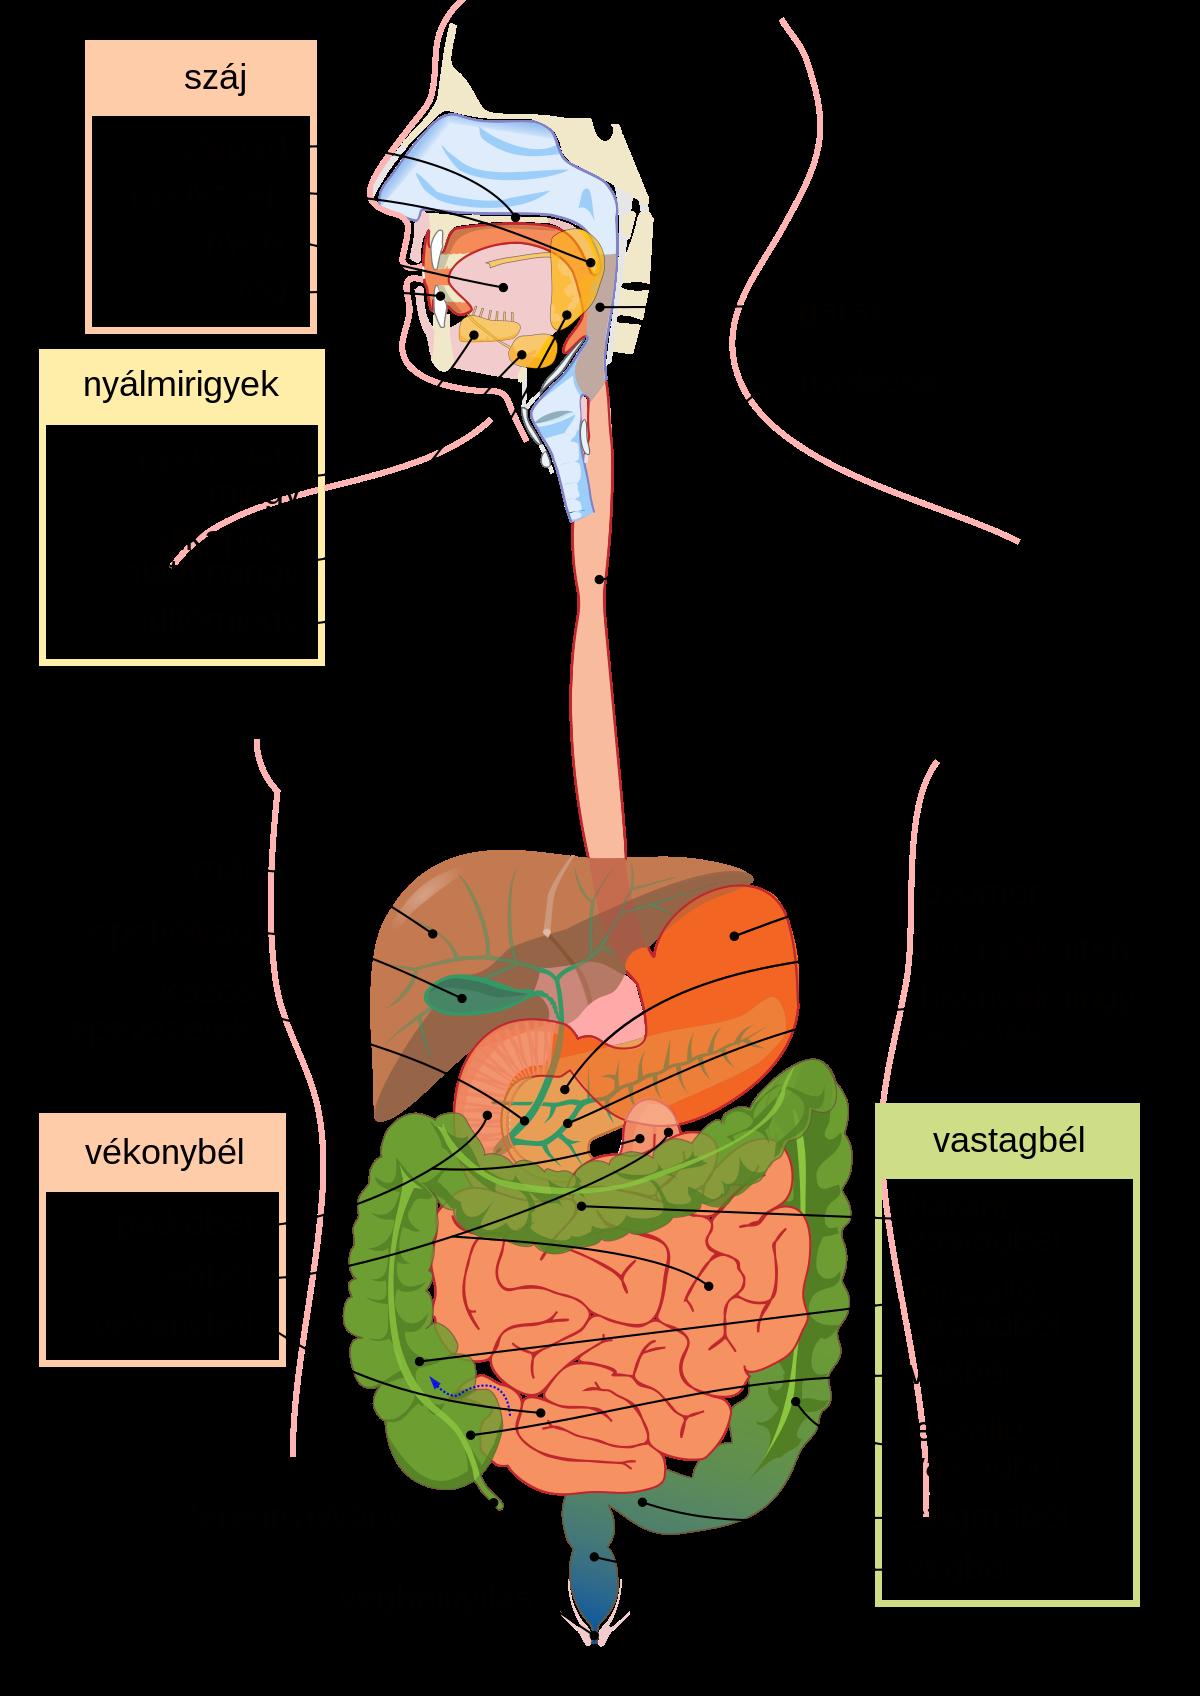 a férgek fajtái az emberi testben, szerepe a parazitákból származó taiga teáról